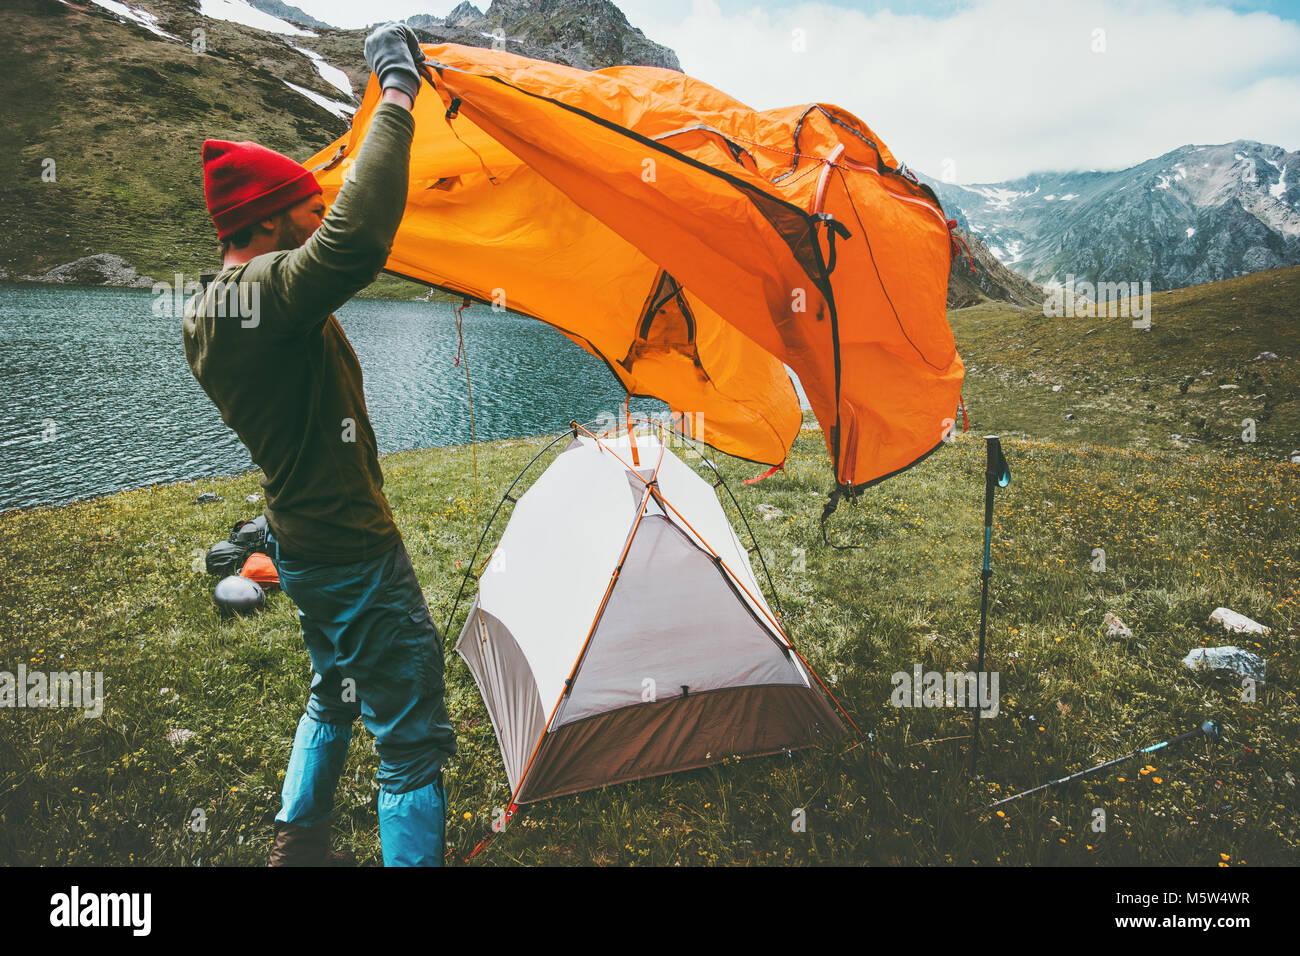 L'uomo Traveler pitching tenda da campeggio outdoor gear viaggi avventura il concetto di stile di vita viaggio Immagini Stock